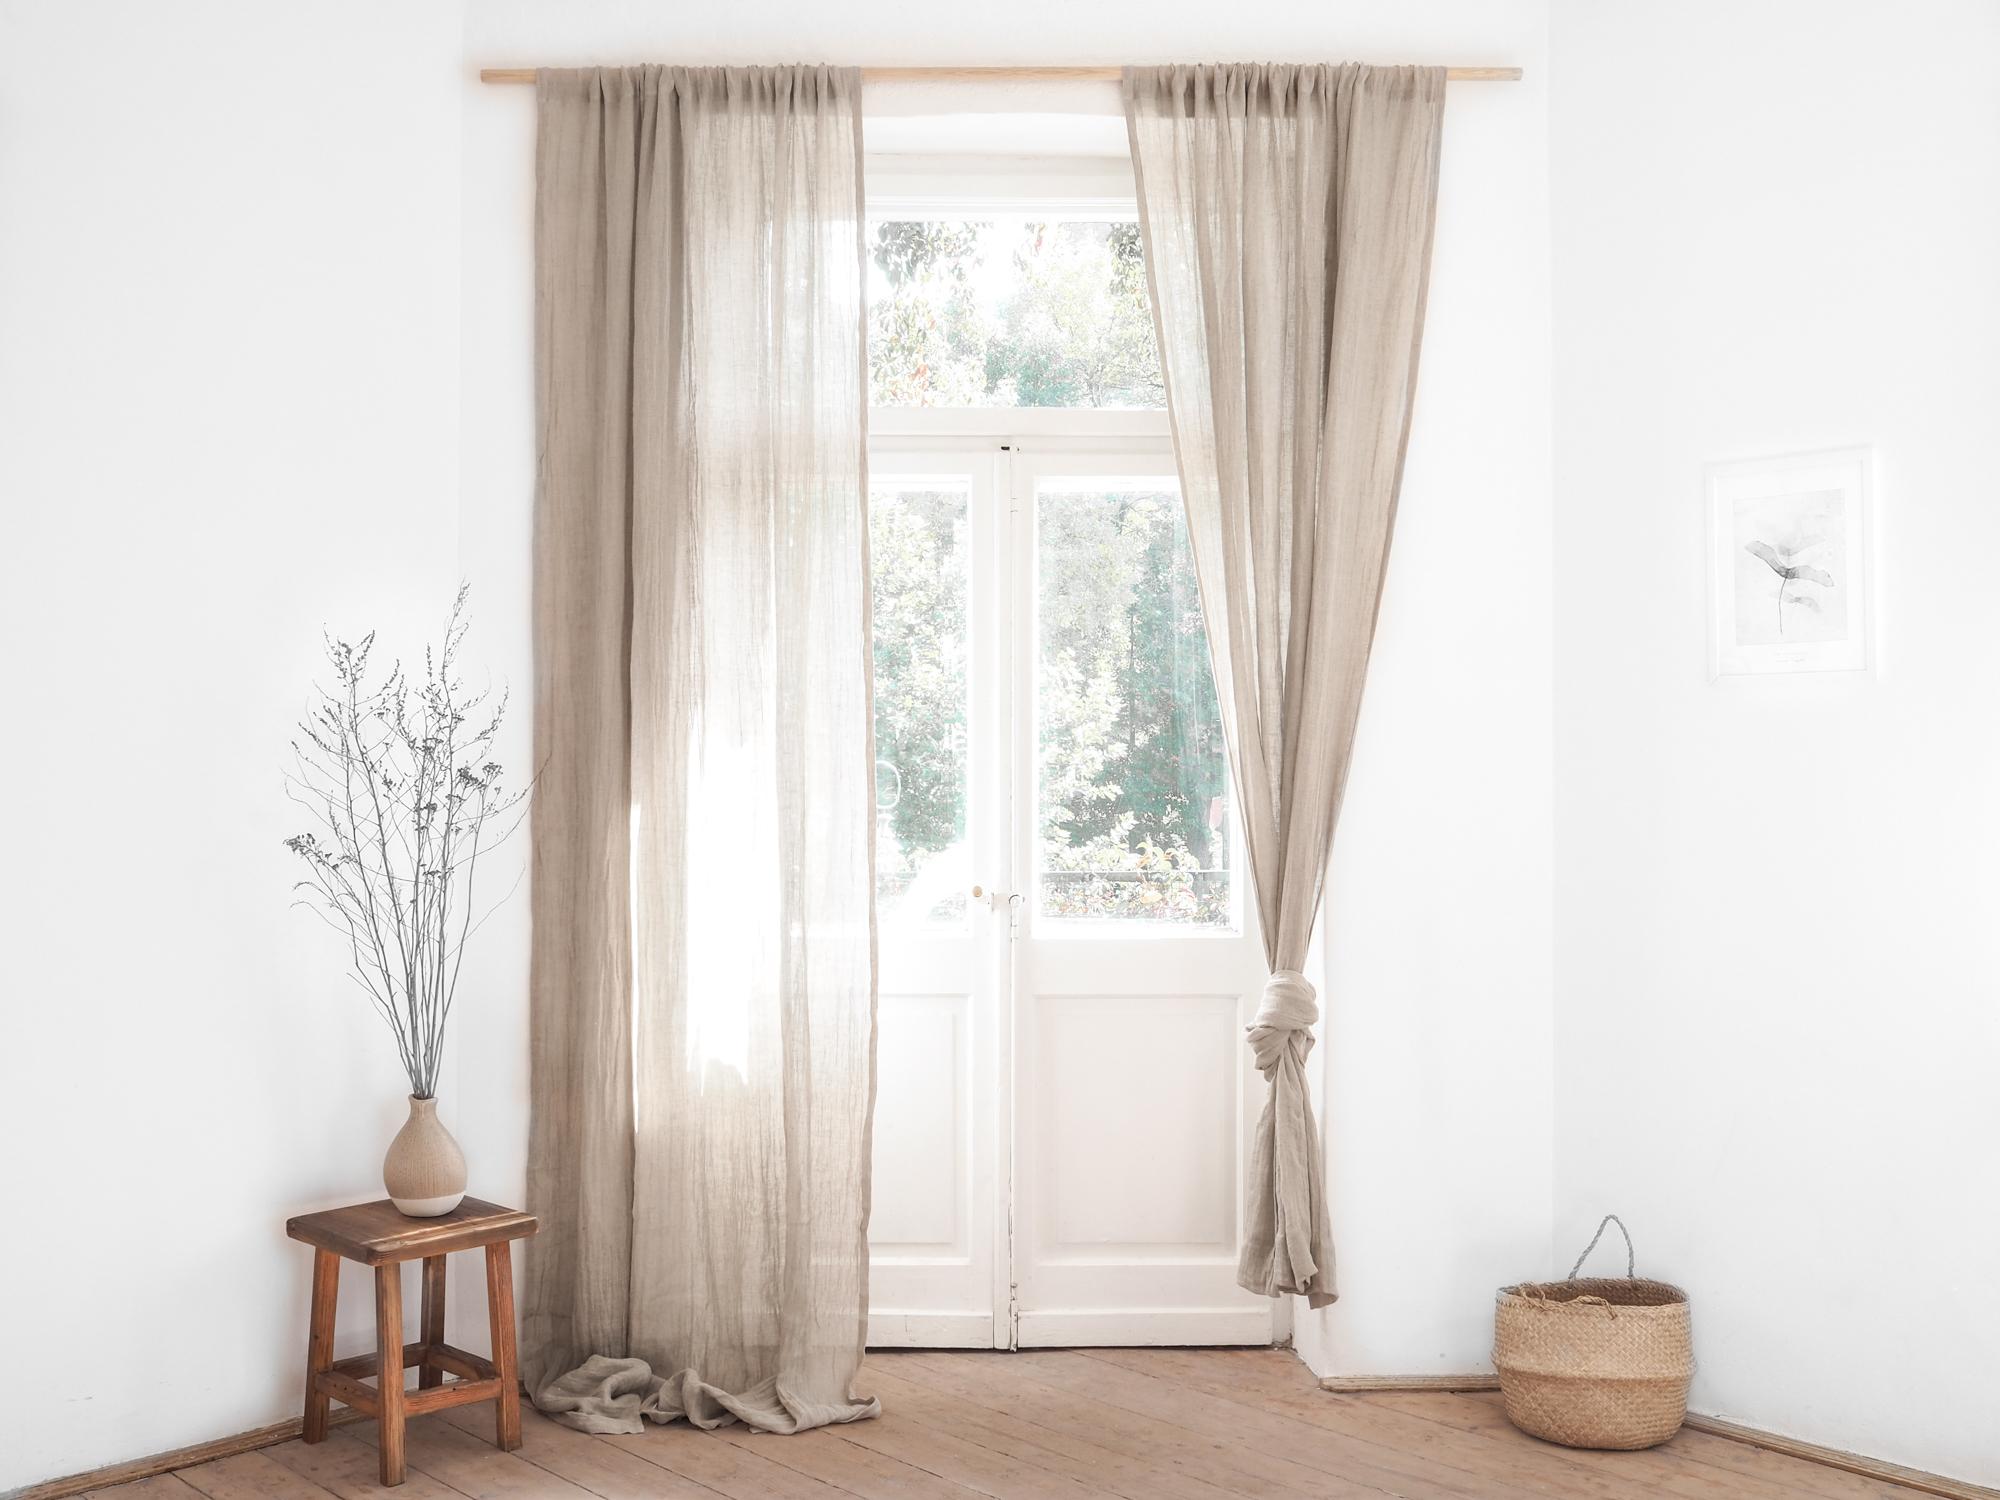 Linen Net Curtains Made Of Gently Transparent Linen Muslin